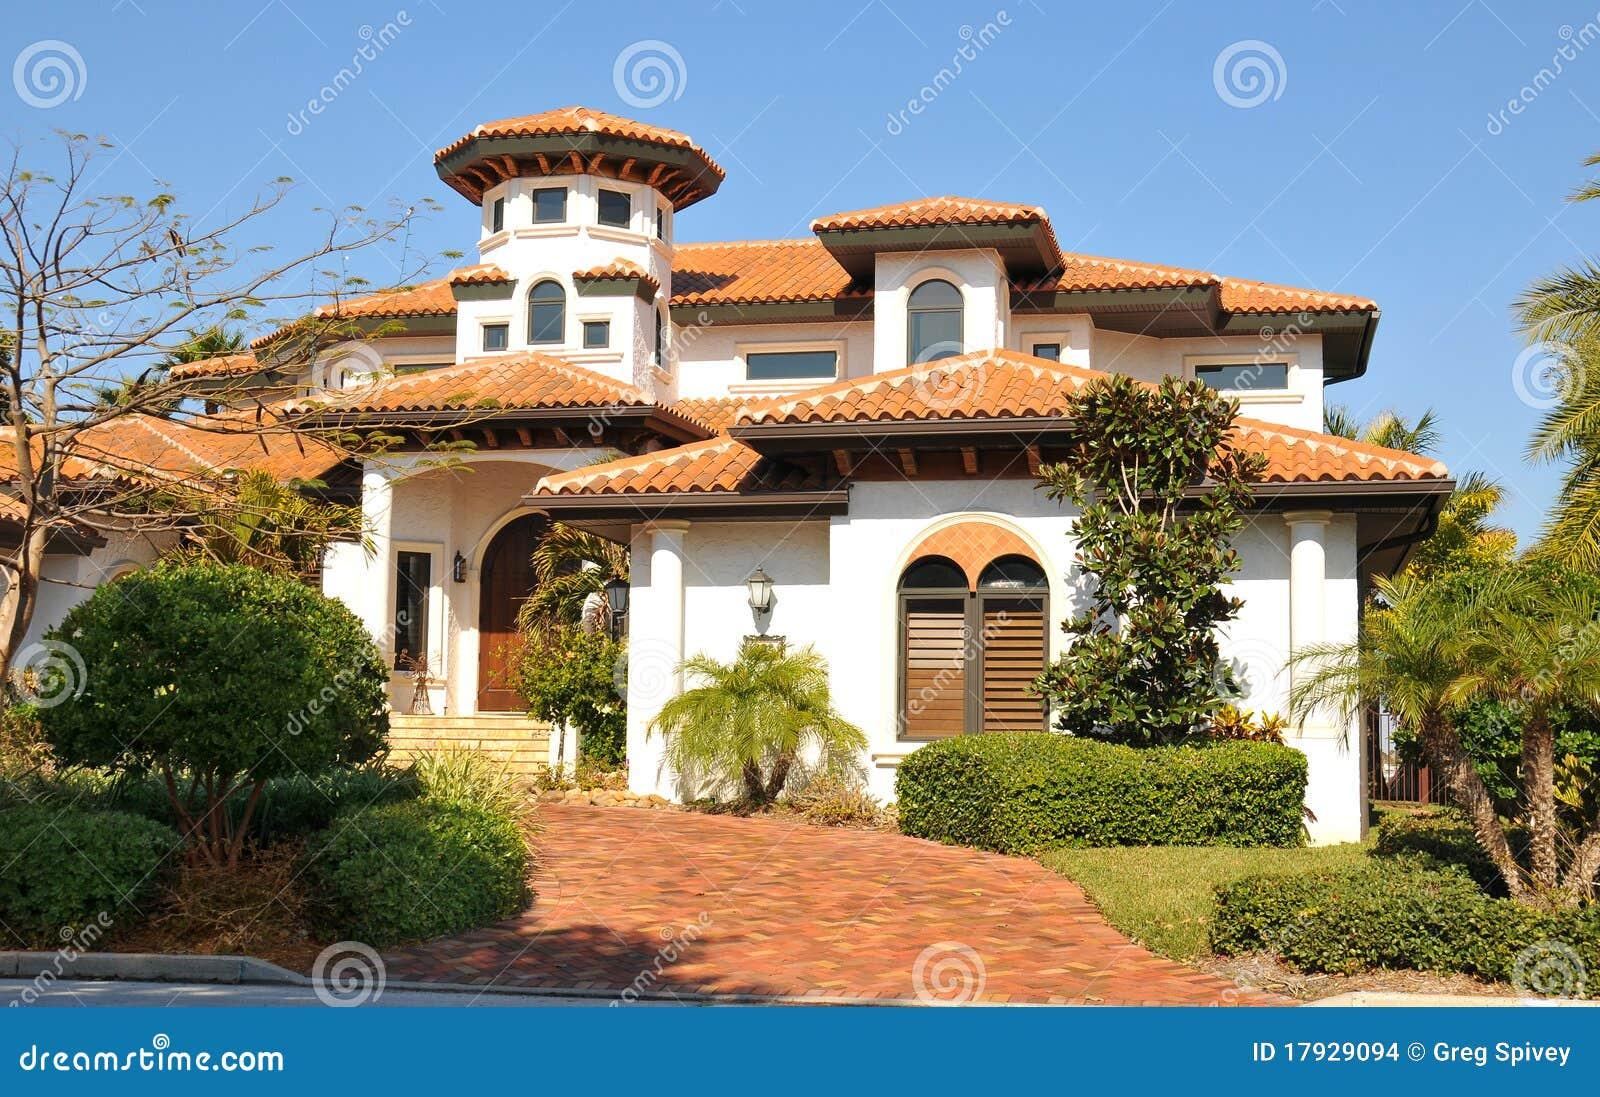 Casa spagnola di stile con la torretta fotografia stock for Case di stile